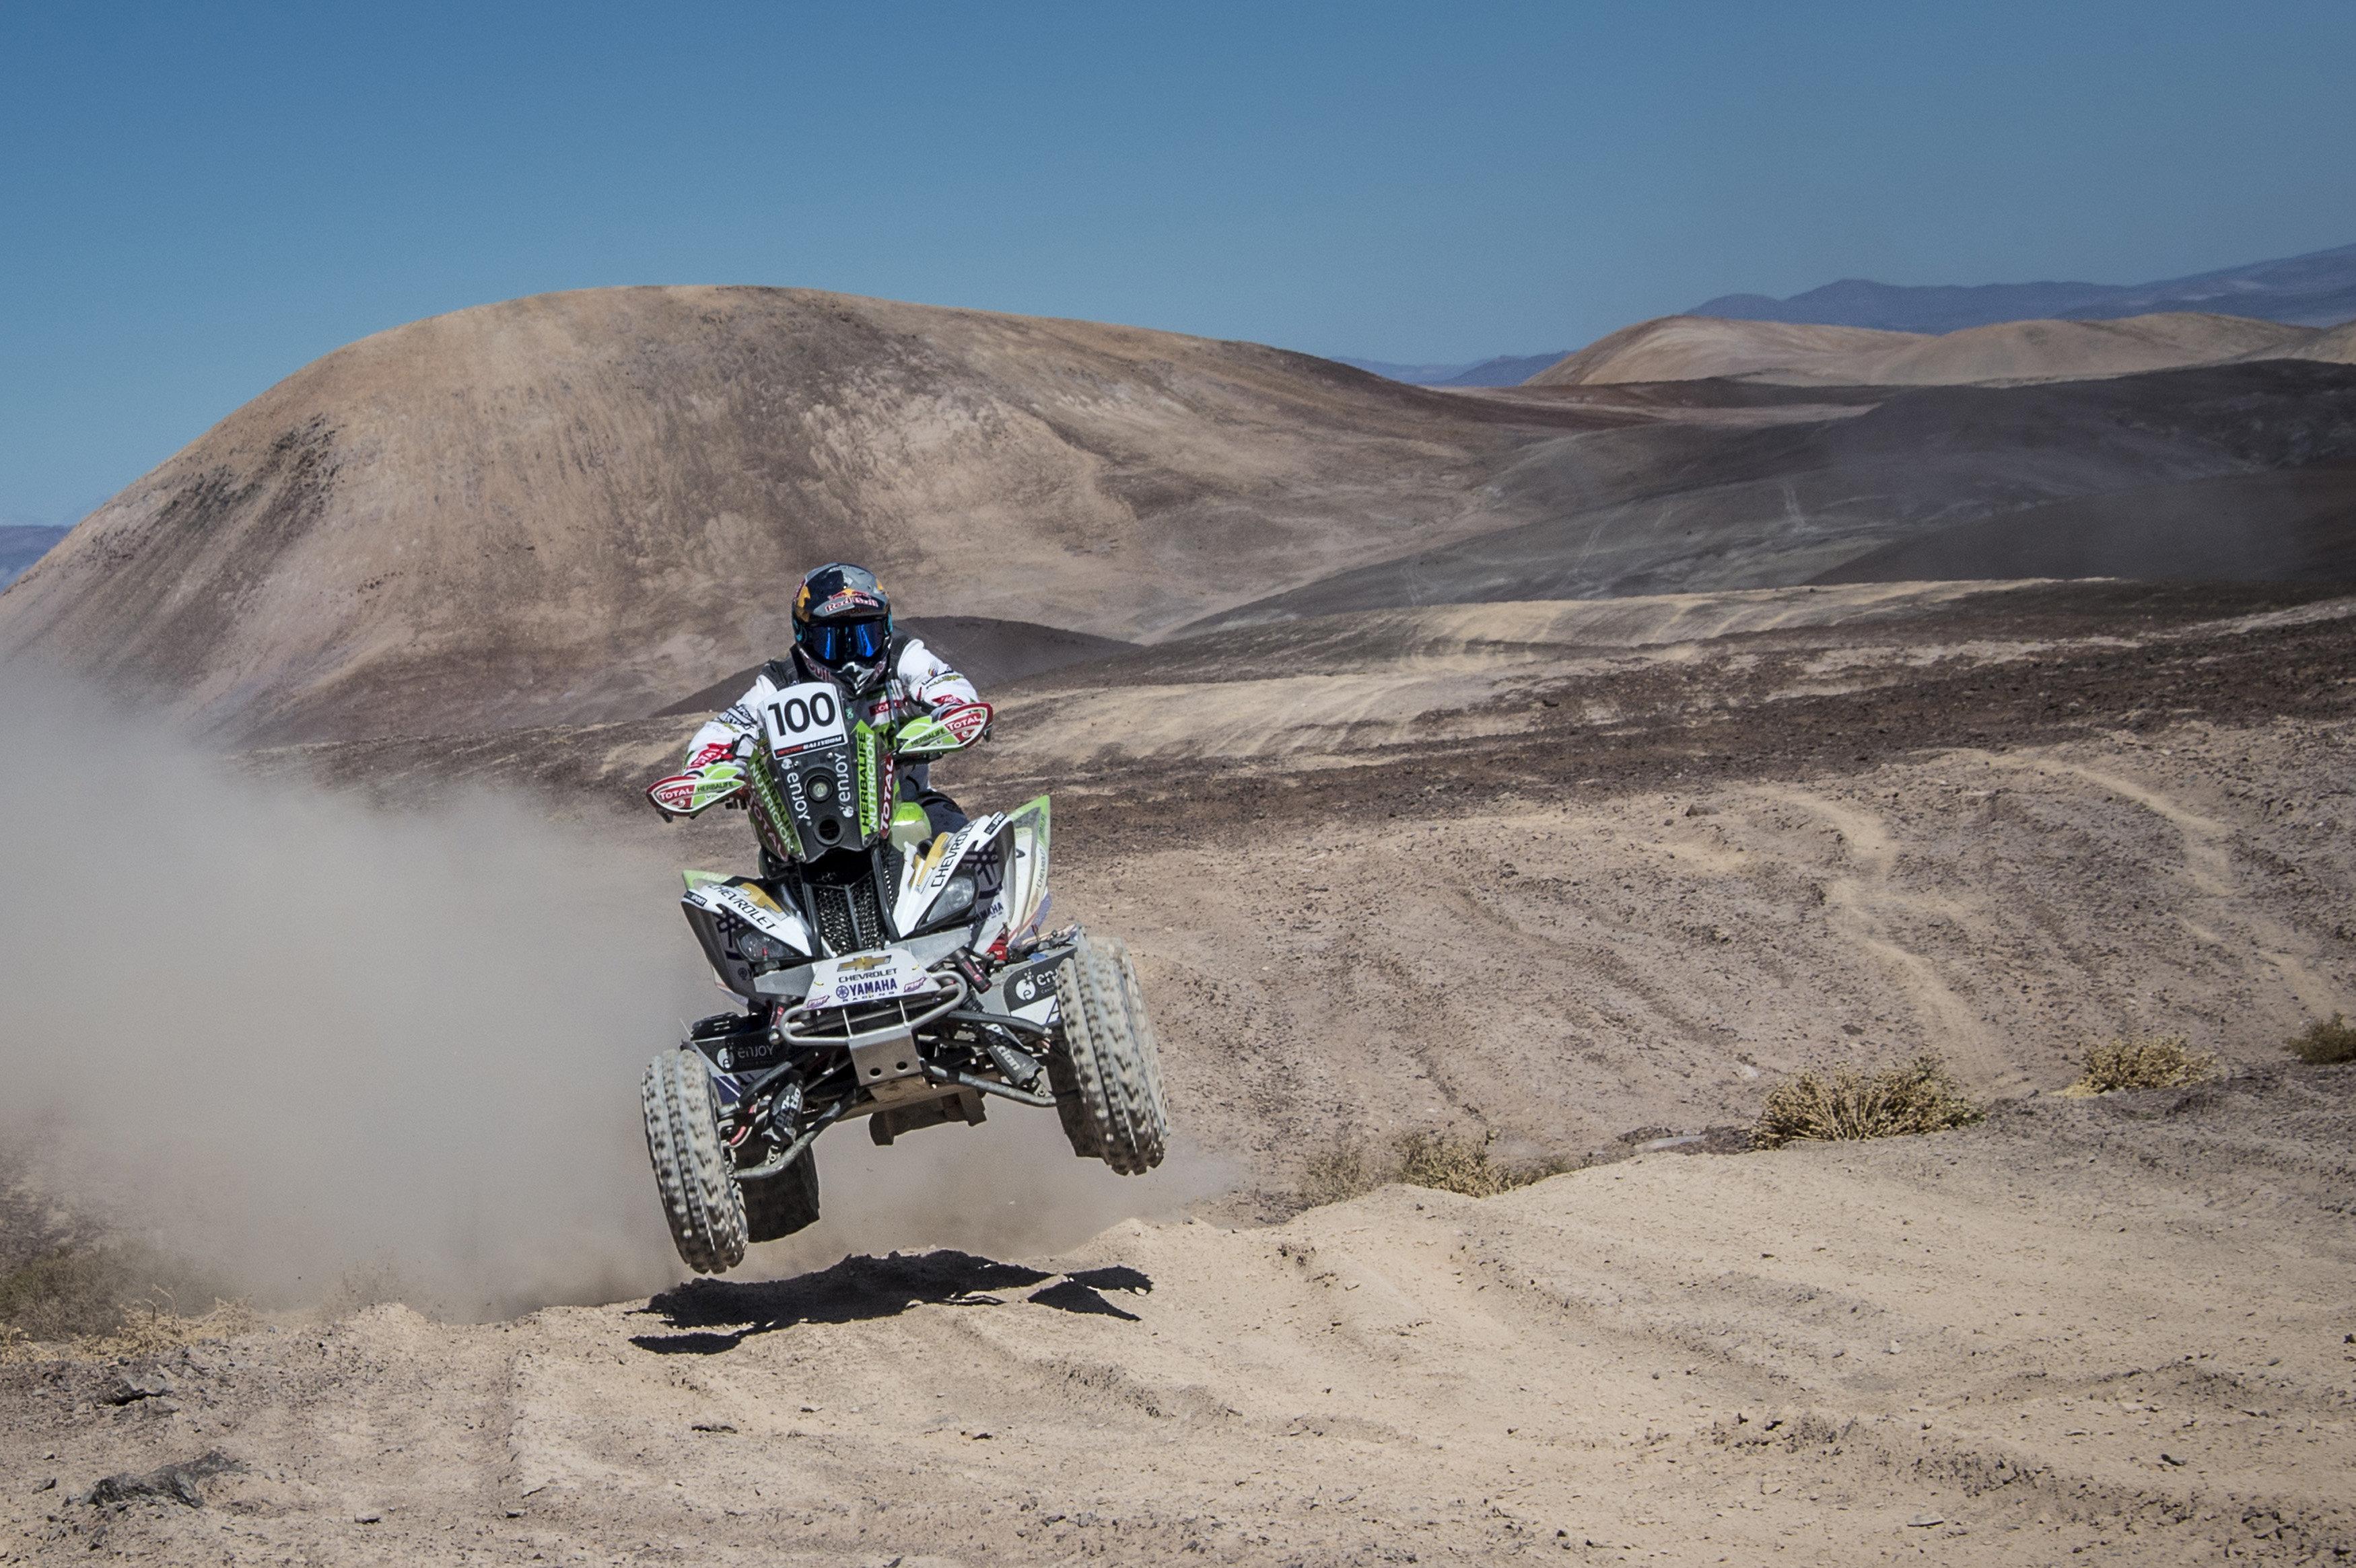 El xilè Ignacio Casale durant la seva participació en la tercera etapa del Ral·li d'Atacama. /CRISTIANO BARNI